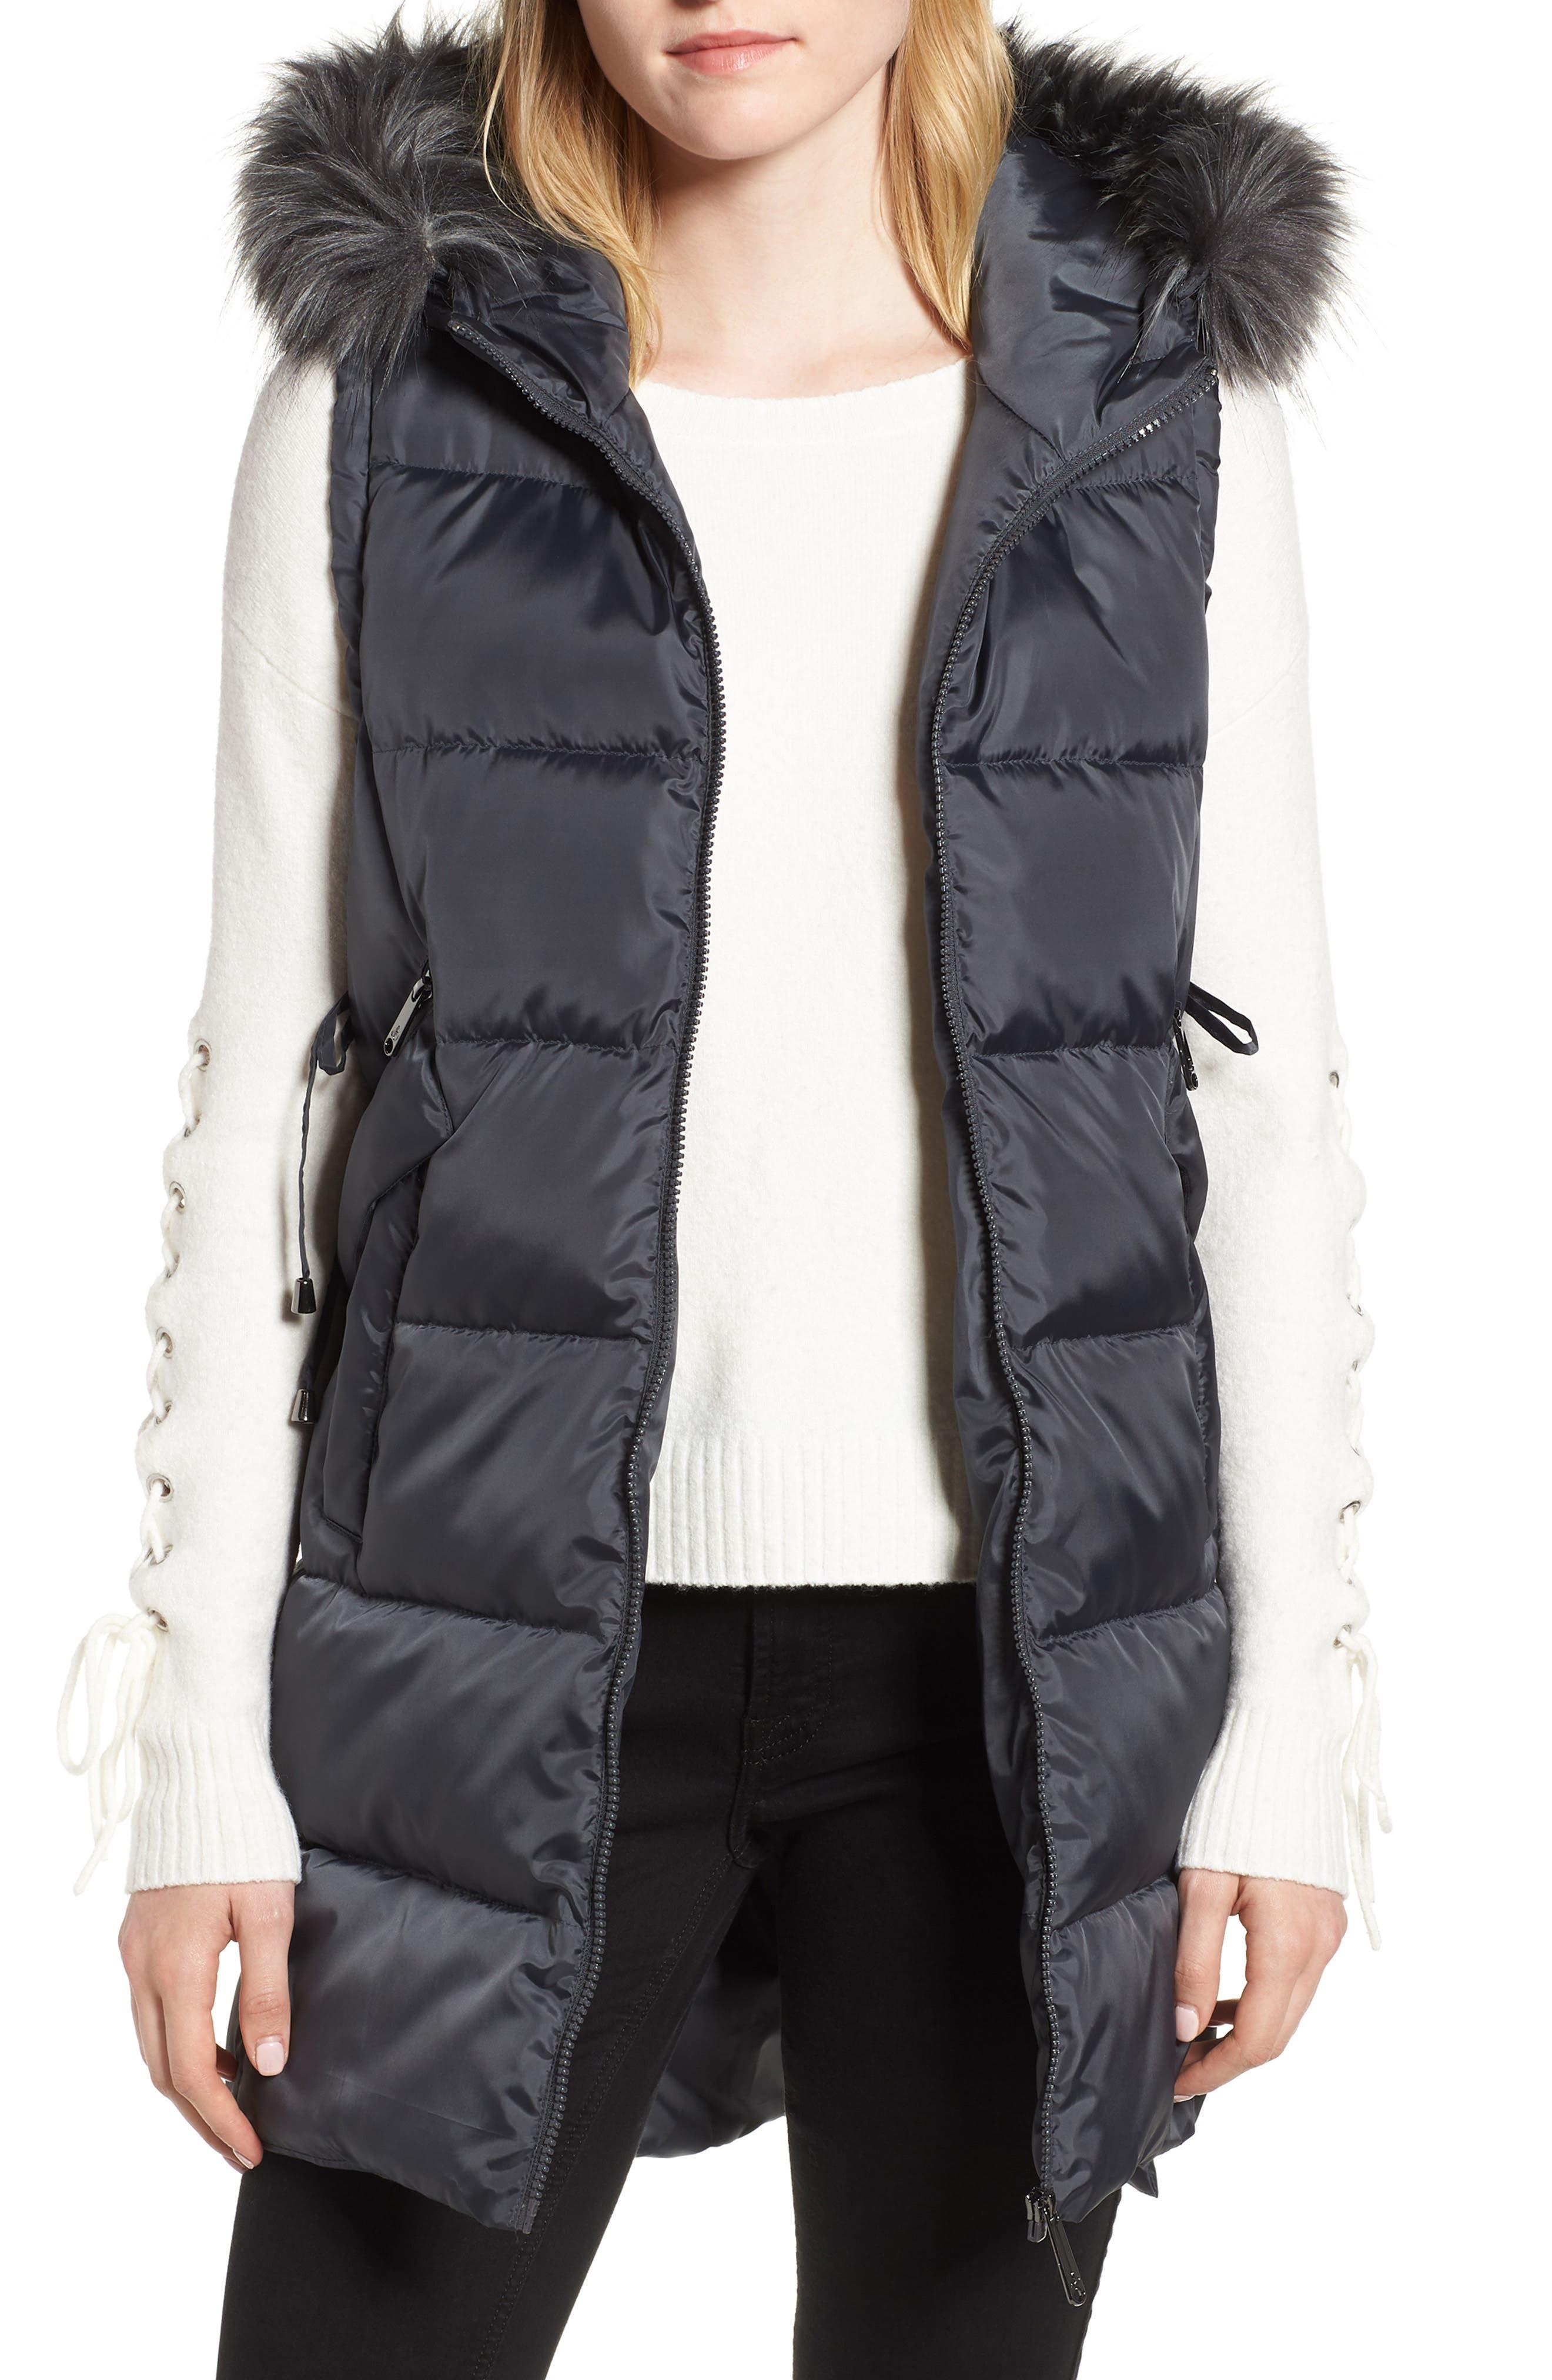 SAM EDELMAN Faux Fur Trim Hooded Side-Tie Vest, Main, color, 036